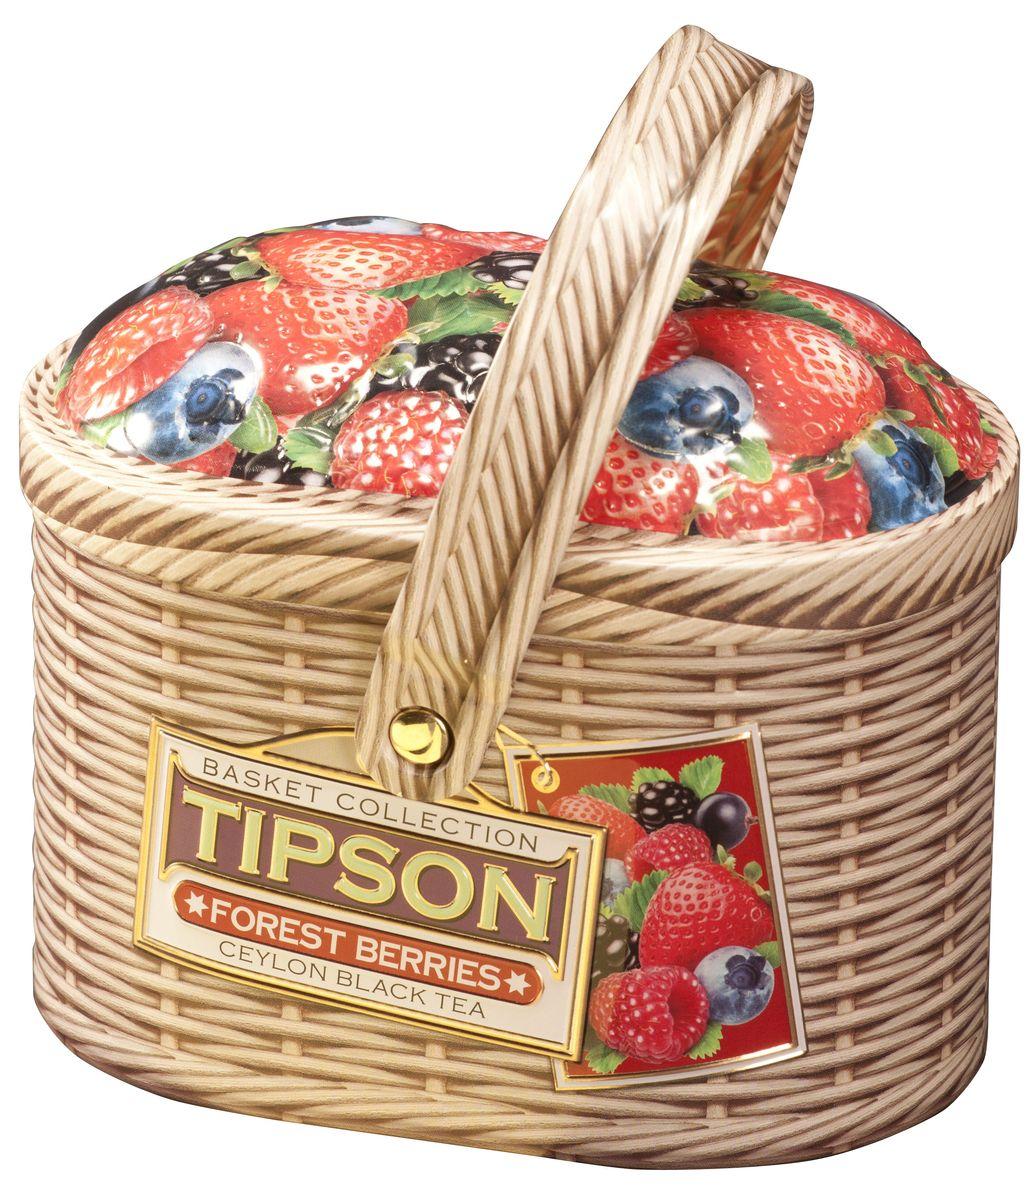 Tipson Forest Berries черный листовой чай, 100 г (жестяная банка)80054-00Чай чёрный цейлонский байховый листовой Tipson Forest Berries с кусочками клубники и яблока, лепестками василька и ароматами вишни и ванили.